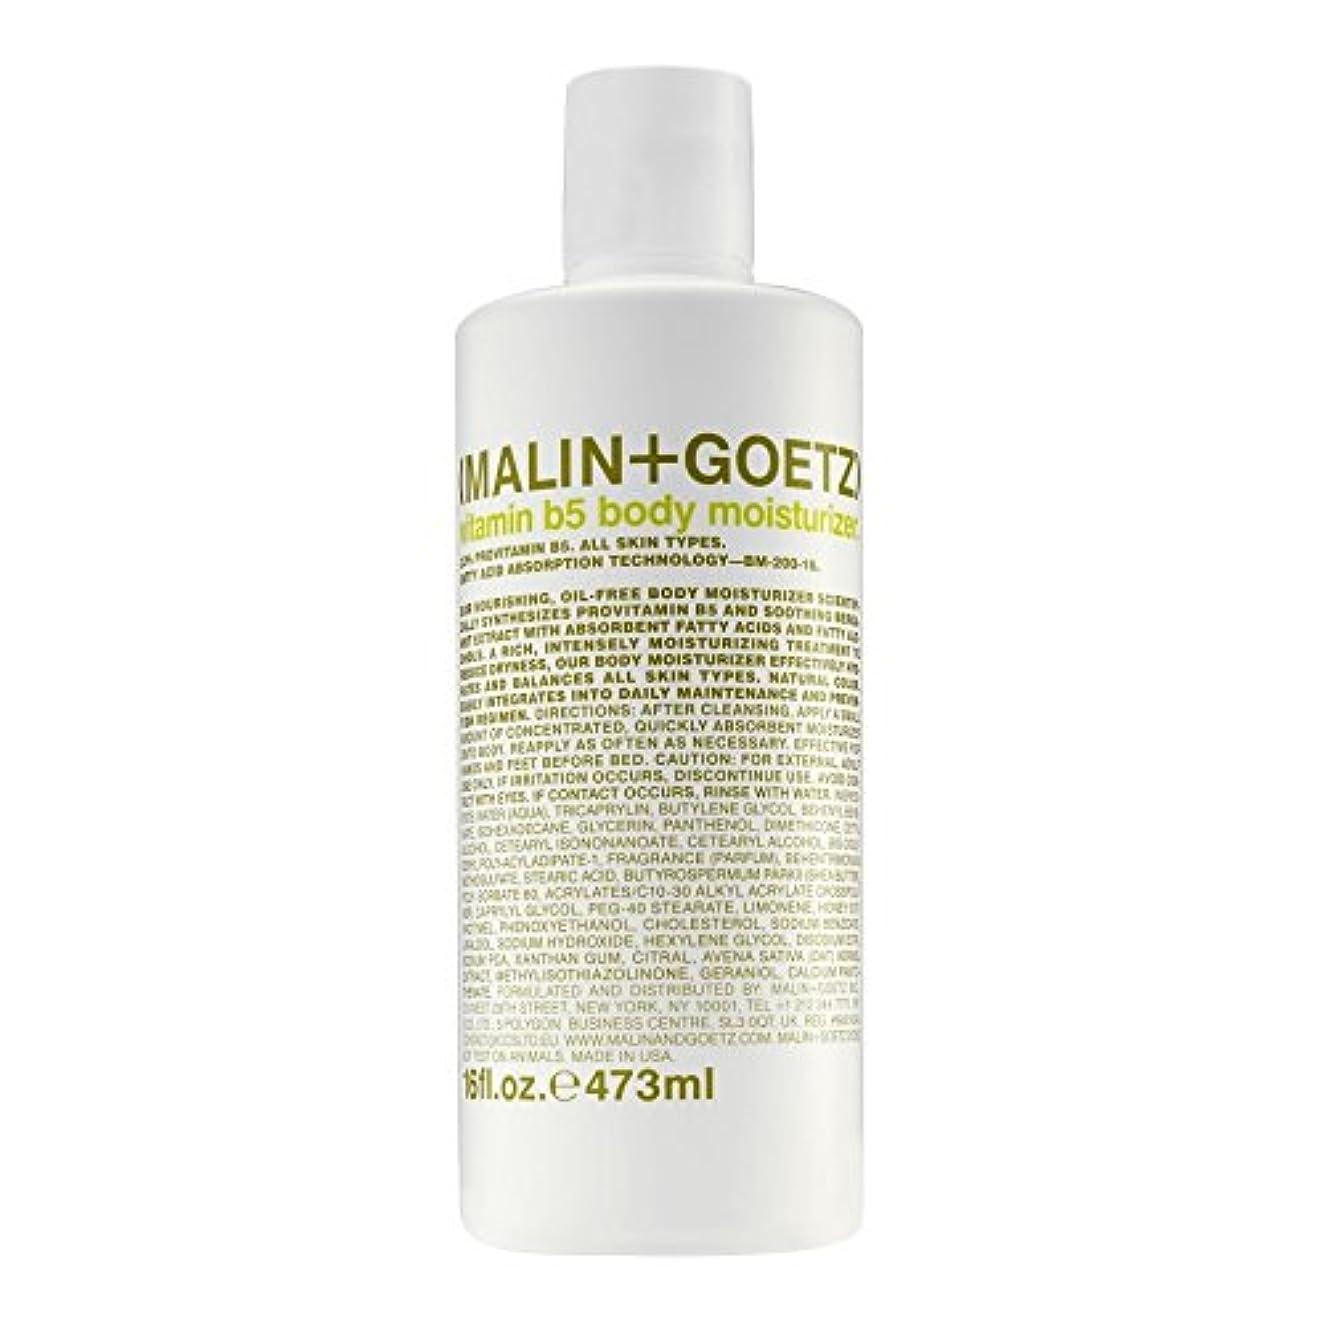 甘美な長方形へこみMALIN+GOETZ Vitamin B5 Body Moisturiser 473ml (Pack of 6) - マリン+ゲッツビタミン5ボディモイスチャライザーの473ミリリットル x6 [並行輸入品]